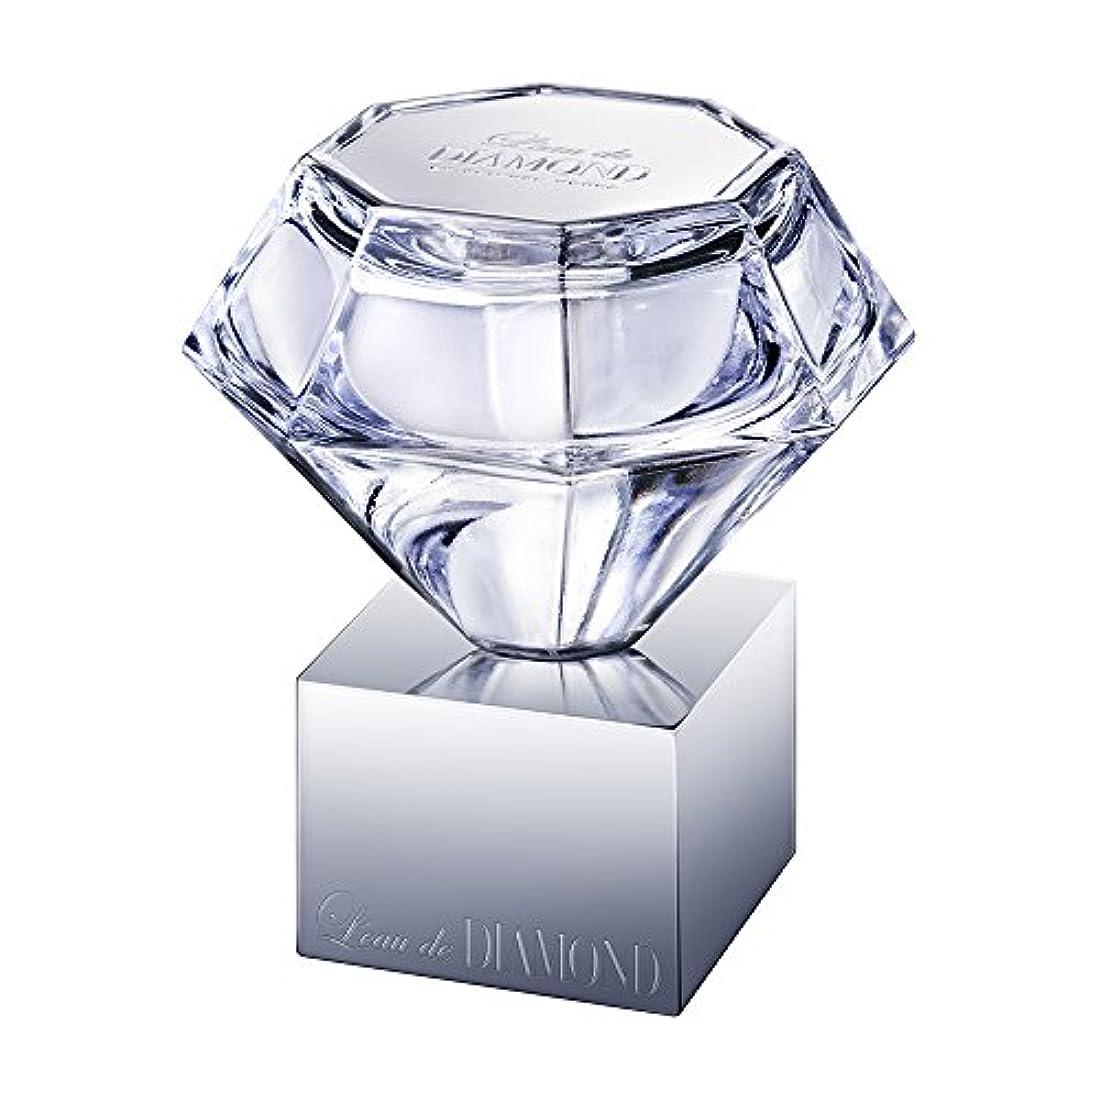 旋回気まぐれな頑固なロードダイアモンド バイ ケイスケ ホンダ オードパルファム(プールオム) 50ml